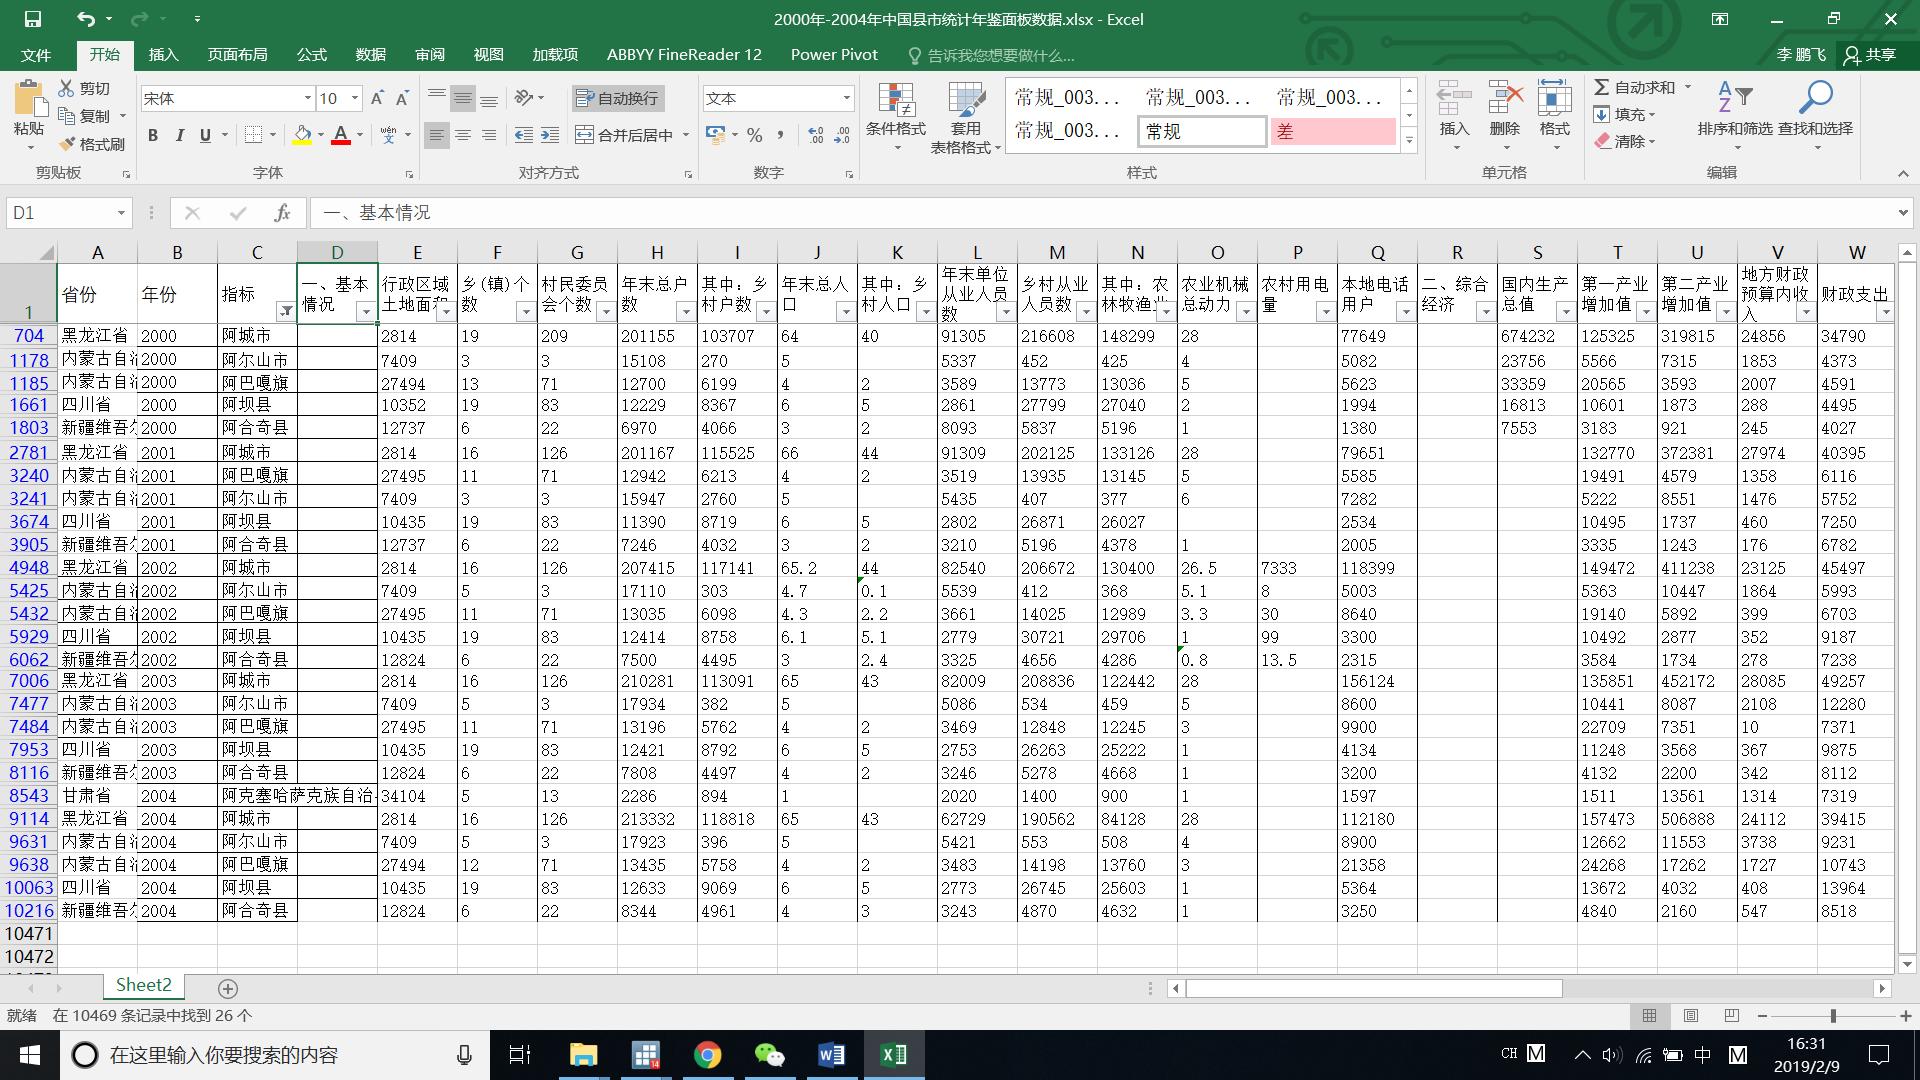 2000年-2004年中国县市统计年鉴面板数据示例2.png